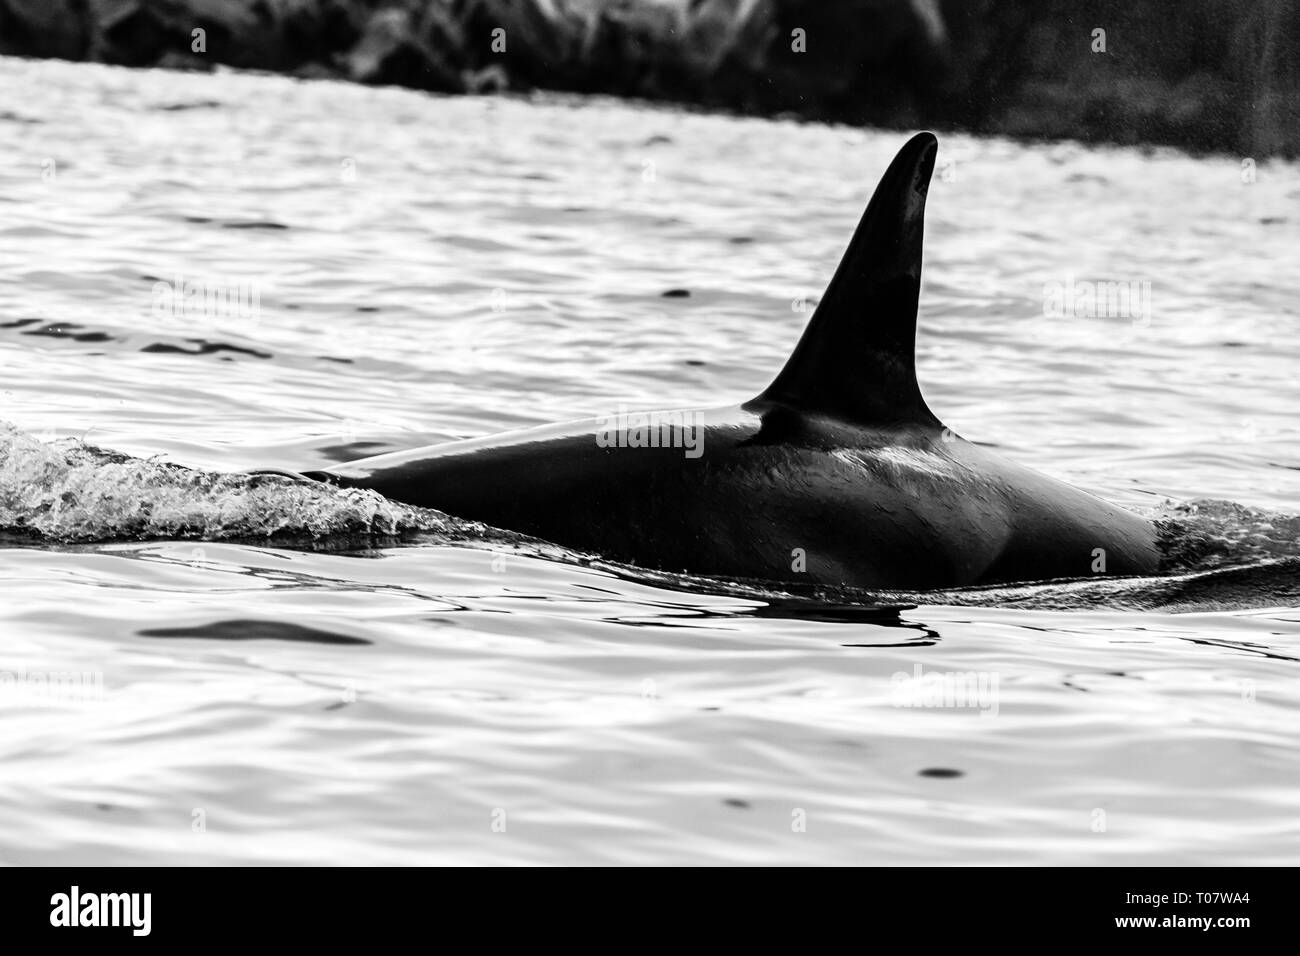 Killer whale (Orca) en el hábitat natural, la Península de Kamchatka (Rusia). Foto de stock